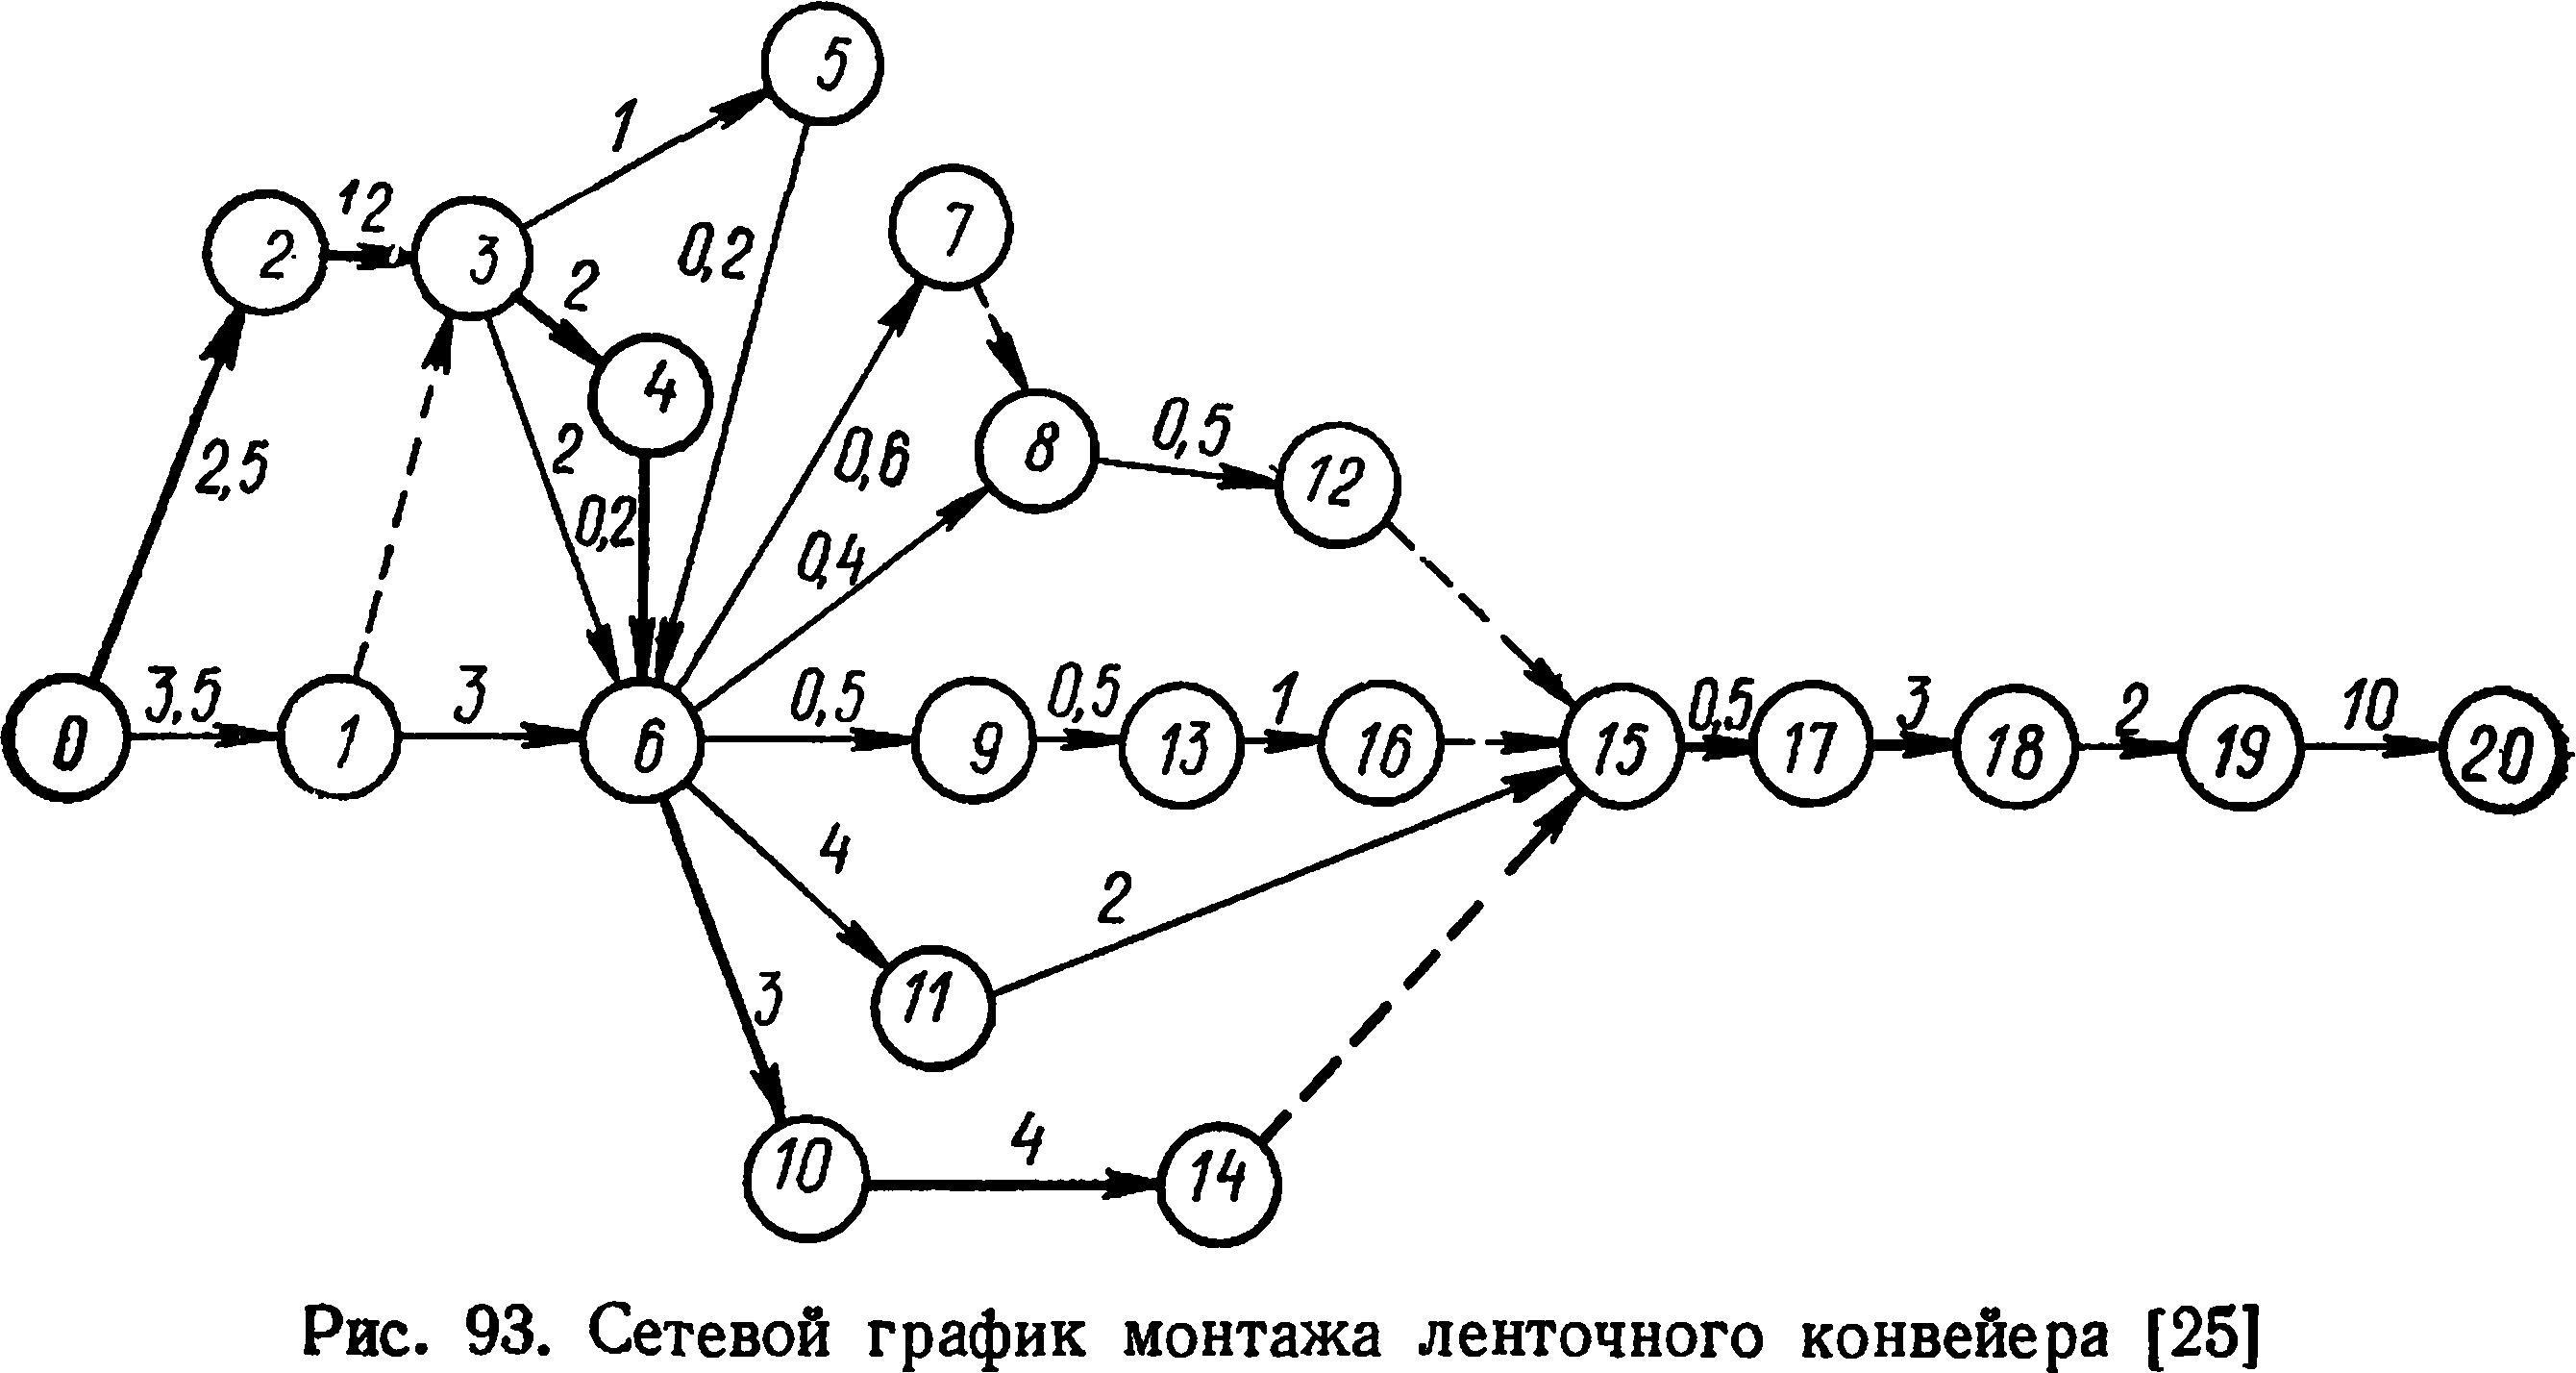 Сетевой график монтажа ленточного конвейера конвейер для сборки мотоциклов